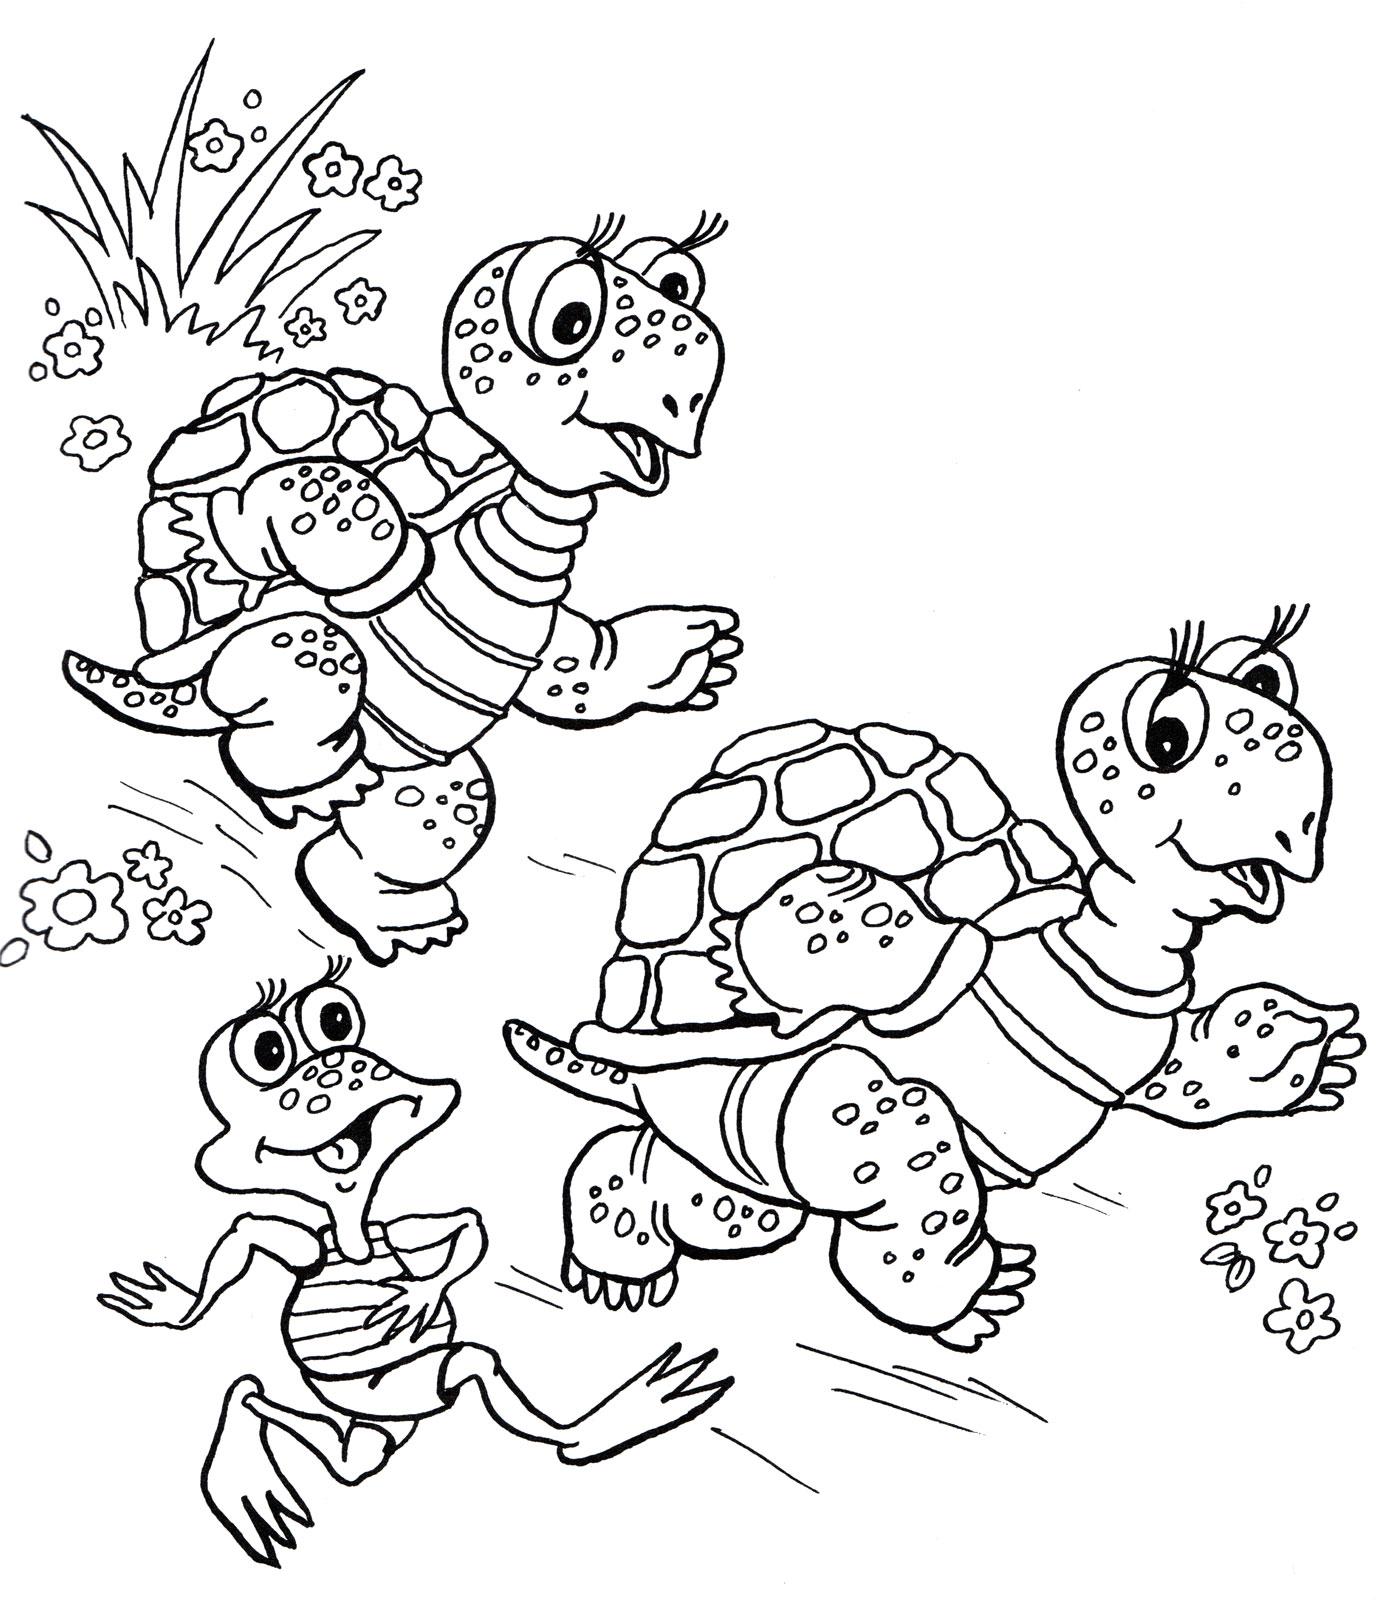 Раскраска Две черепахи и лягушка - распечатать бесплатно